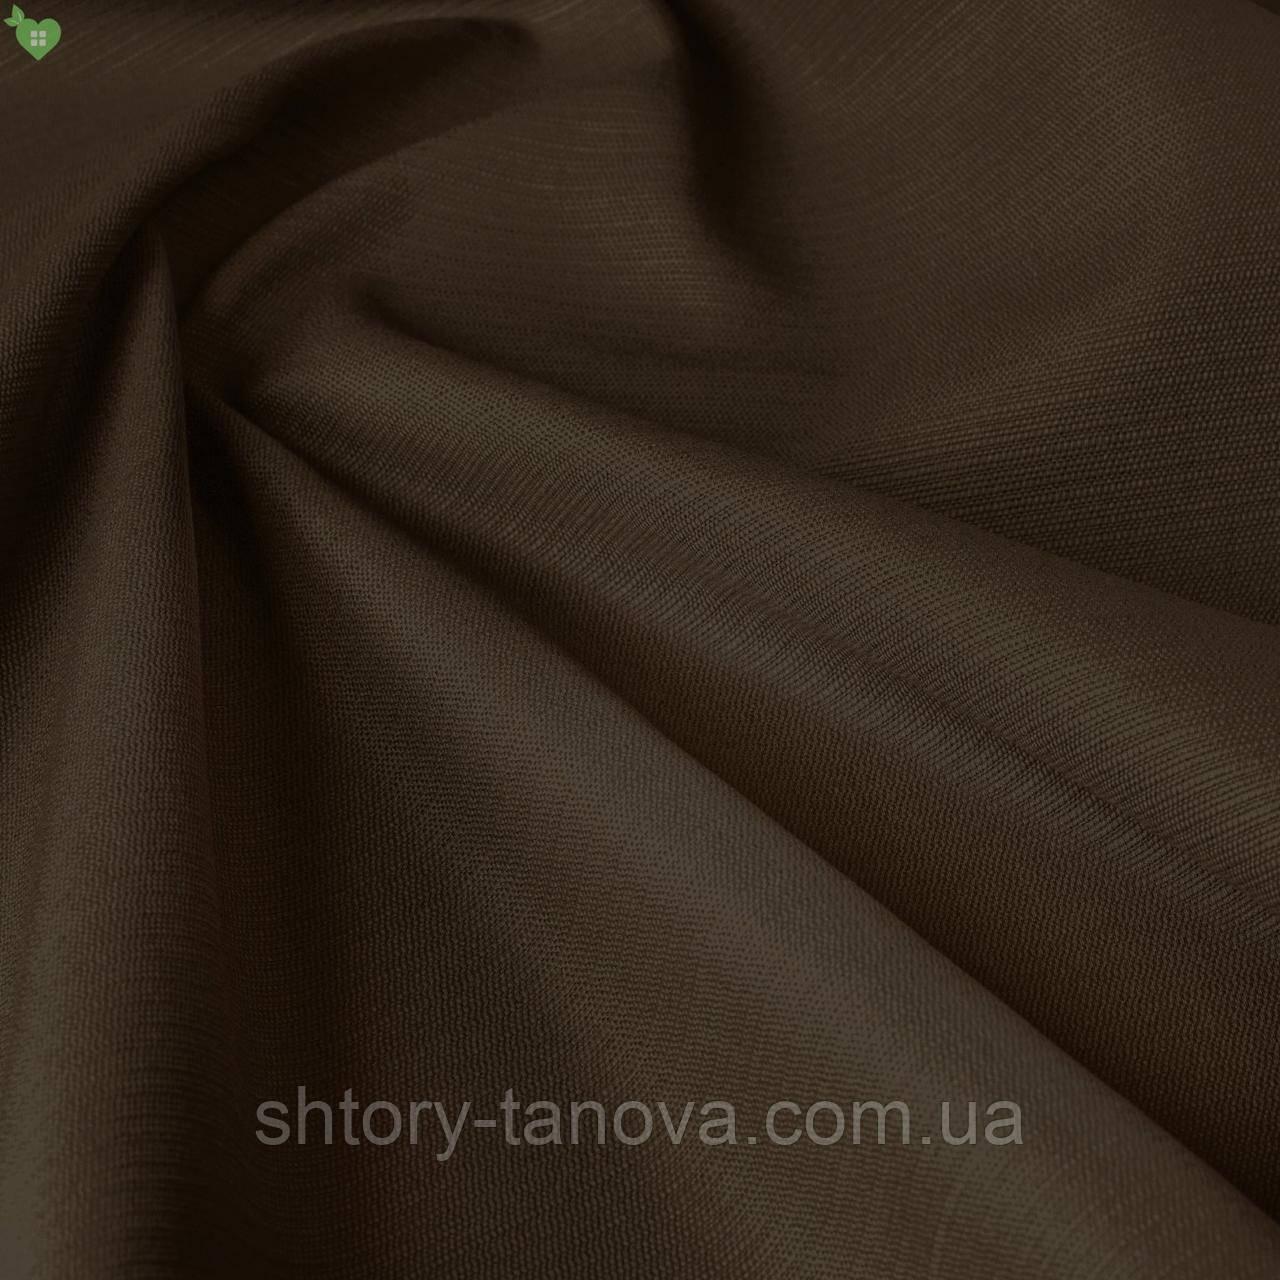 Уличная ткань фактурная коричневого цвета для чехла на уличную мебель